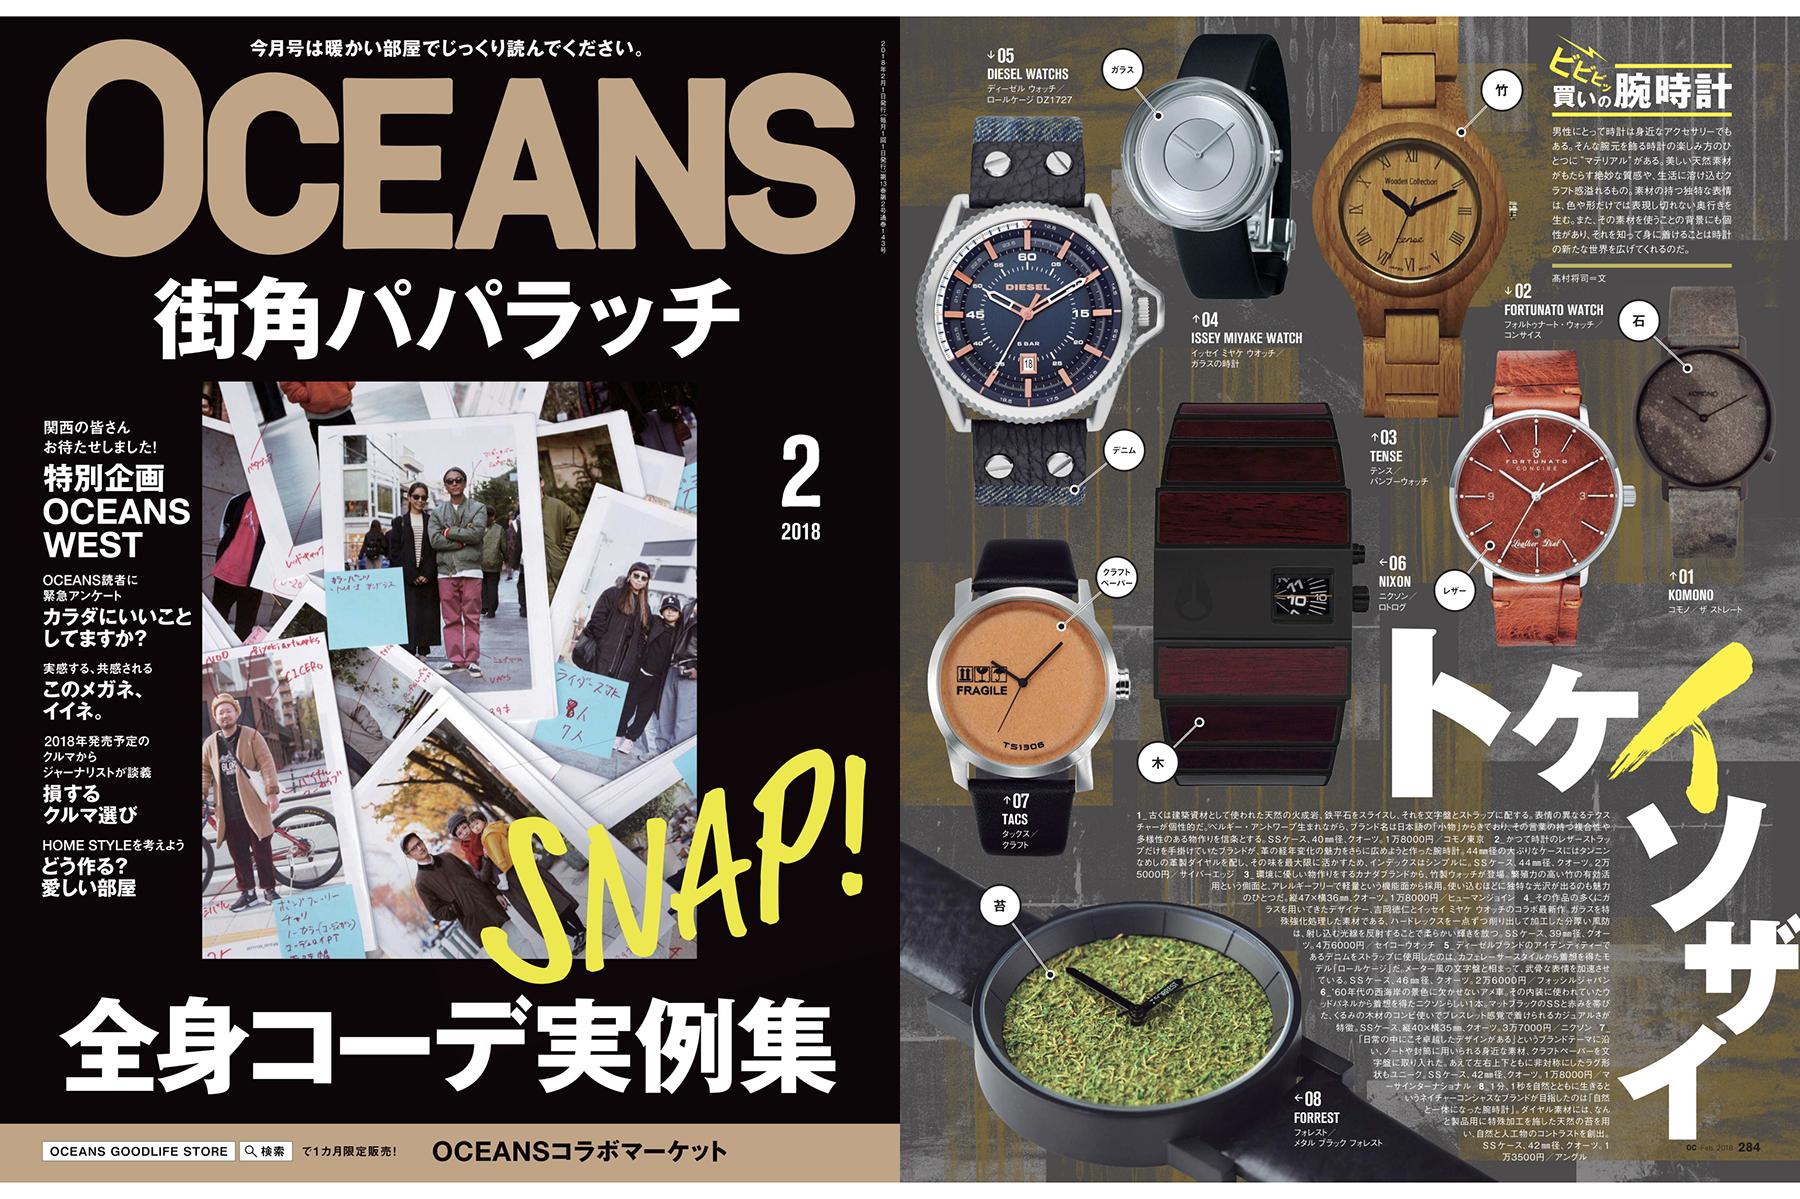 人気のライフスタイルマガジン「OCEANS」に掲載されました。